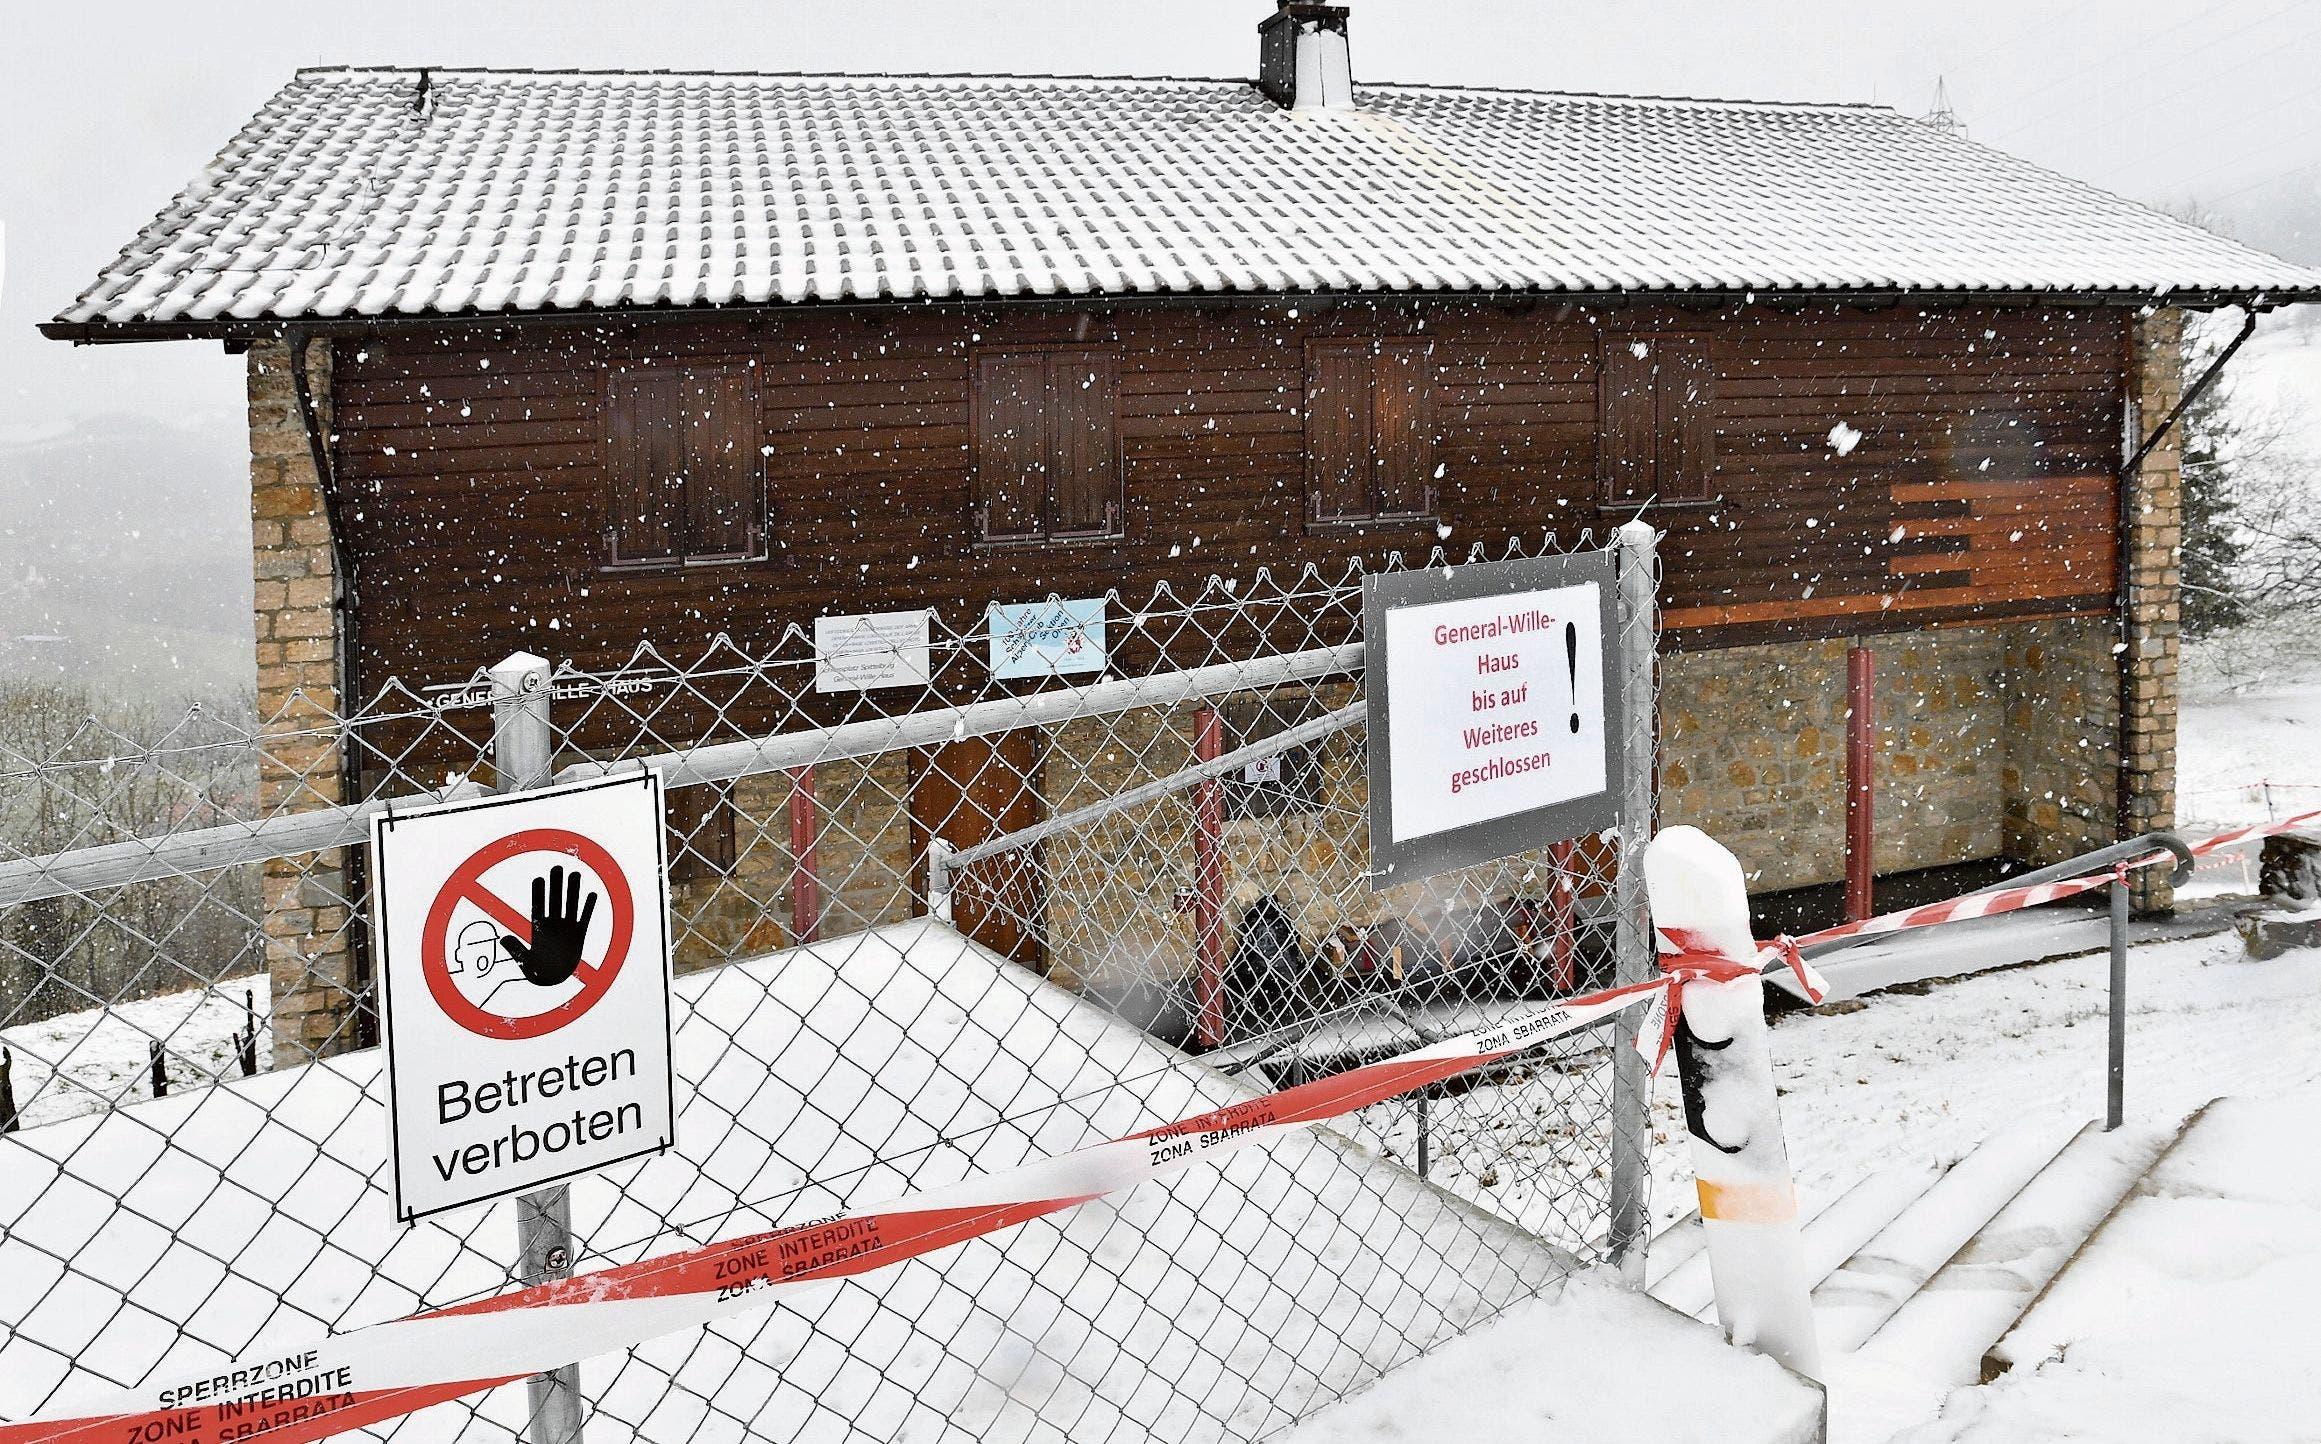 2.März: Nachdem ein Corona-Fall auf dem Waffenplatz in Wangen an der Aare auftaucht, kommen 13 Soldaten ins General-Wille-Haus in Hauenstein-Ifenthal in Quarantäne.